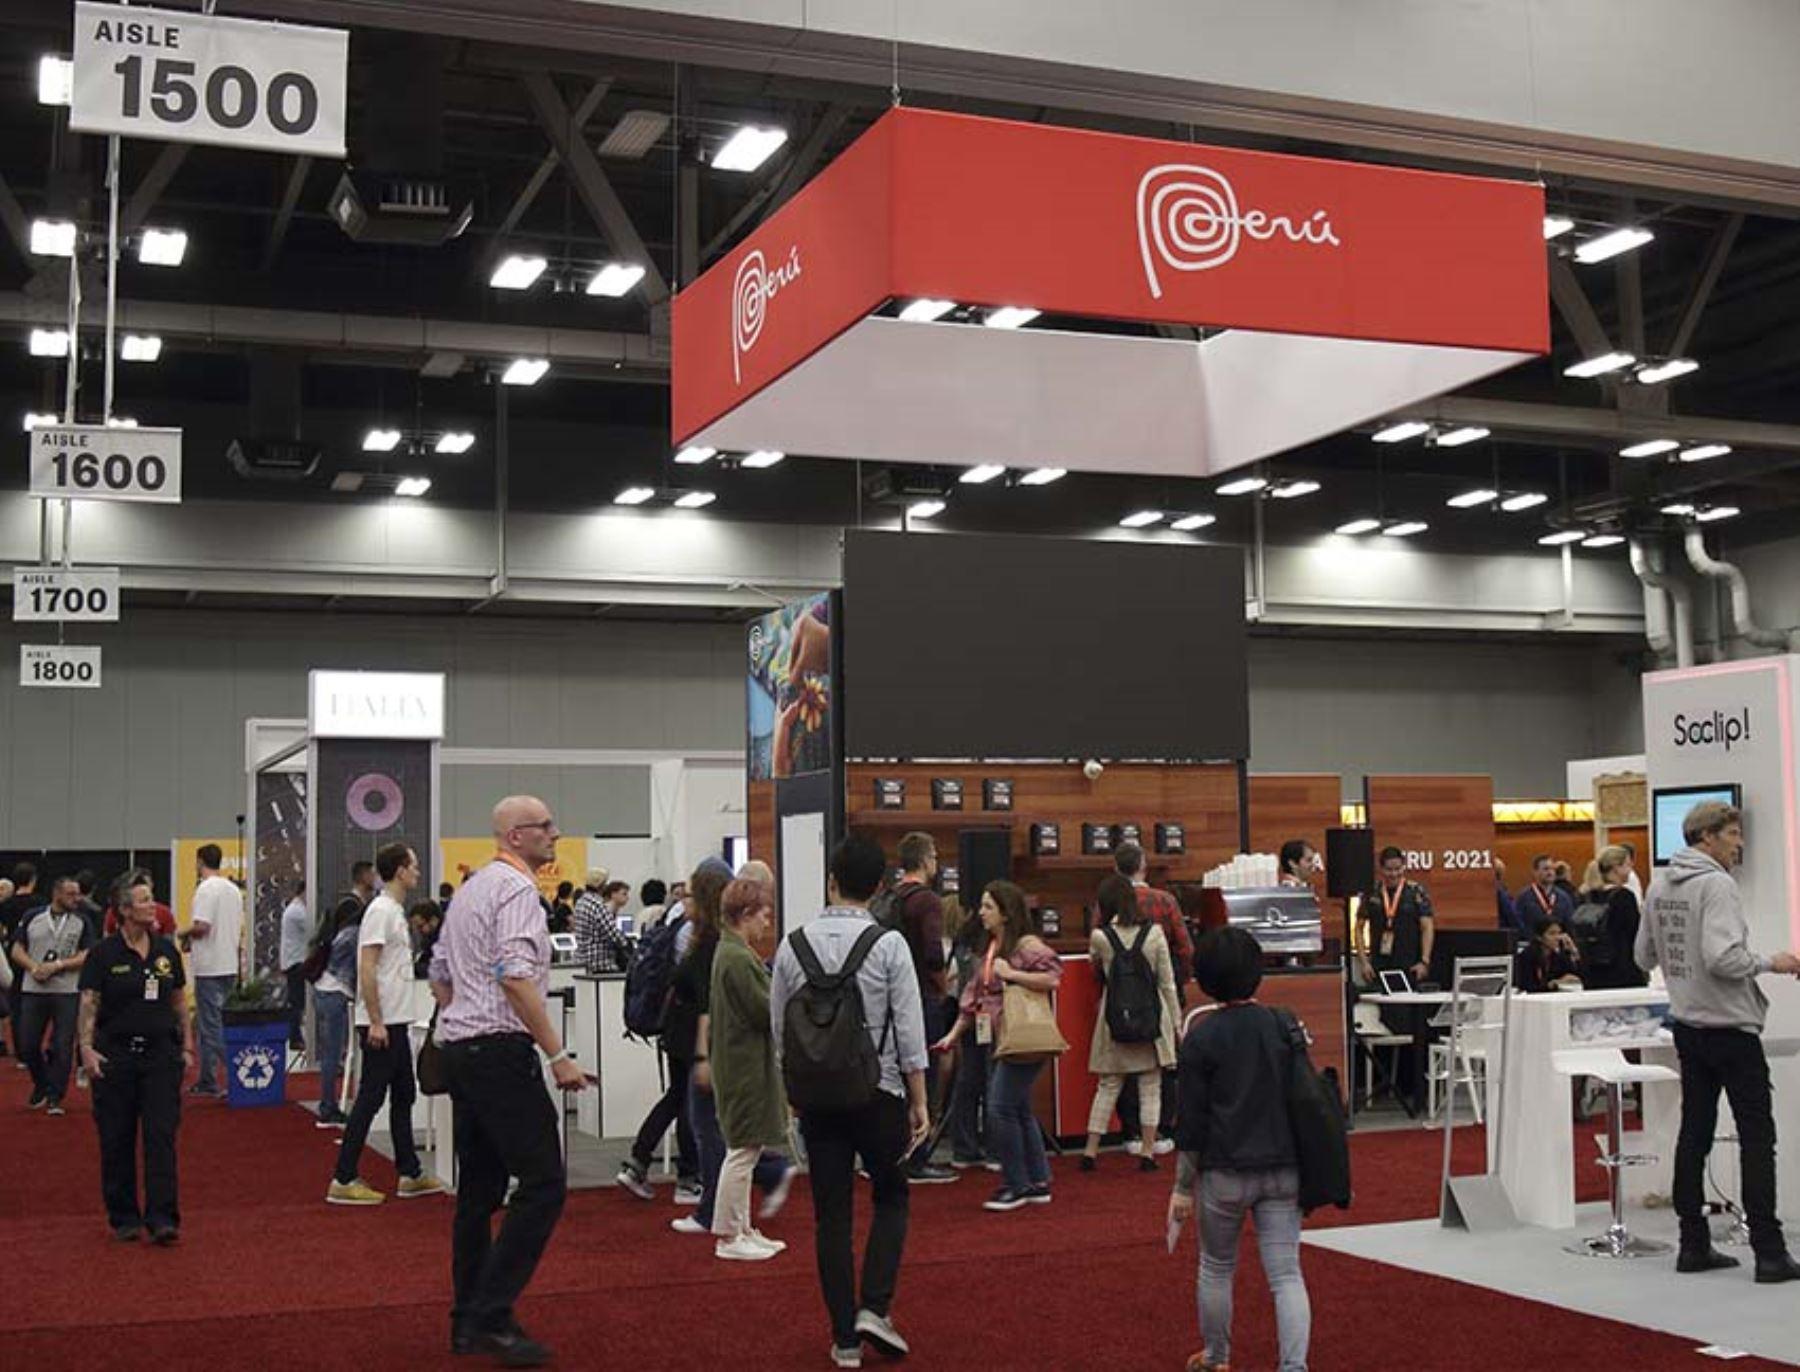 El stand de la Marca Perú en el festival SXSW presenta las innovaciones de 7 startups y 4 empresas peruanas vinculadas a la tecnología. Foto: Promperú